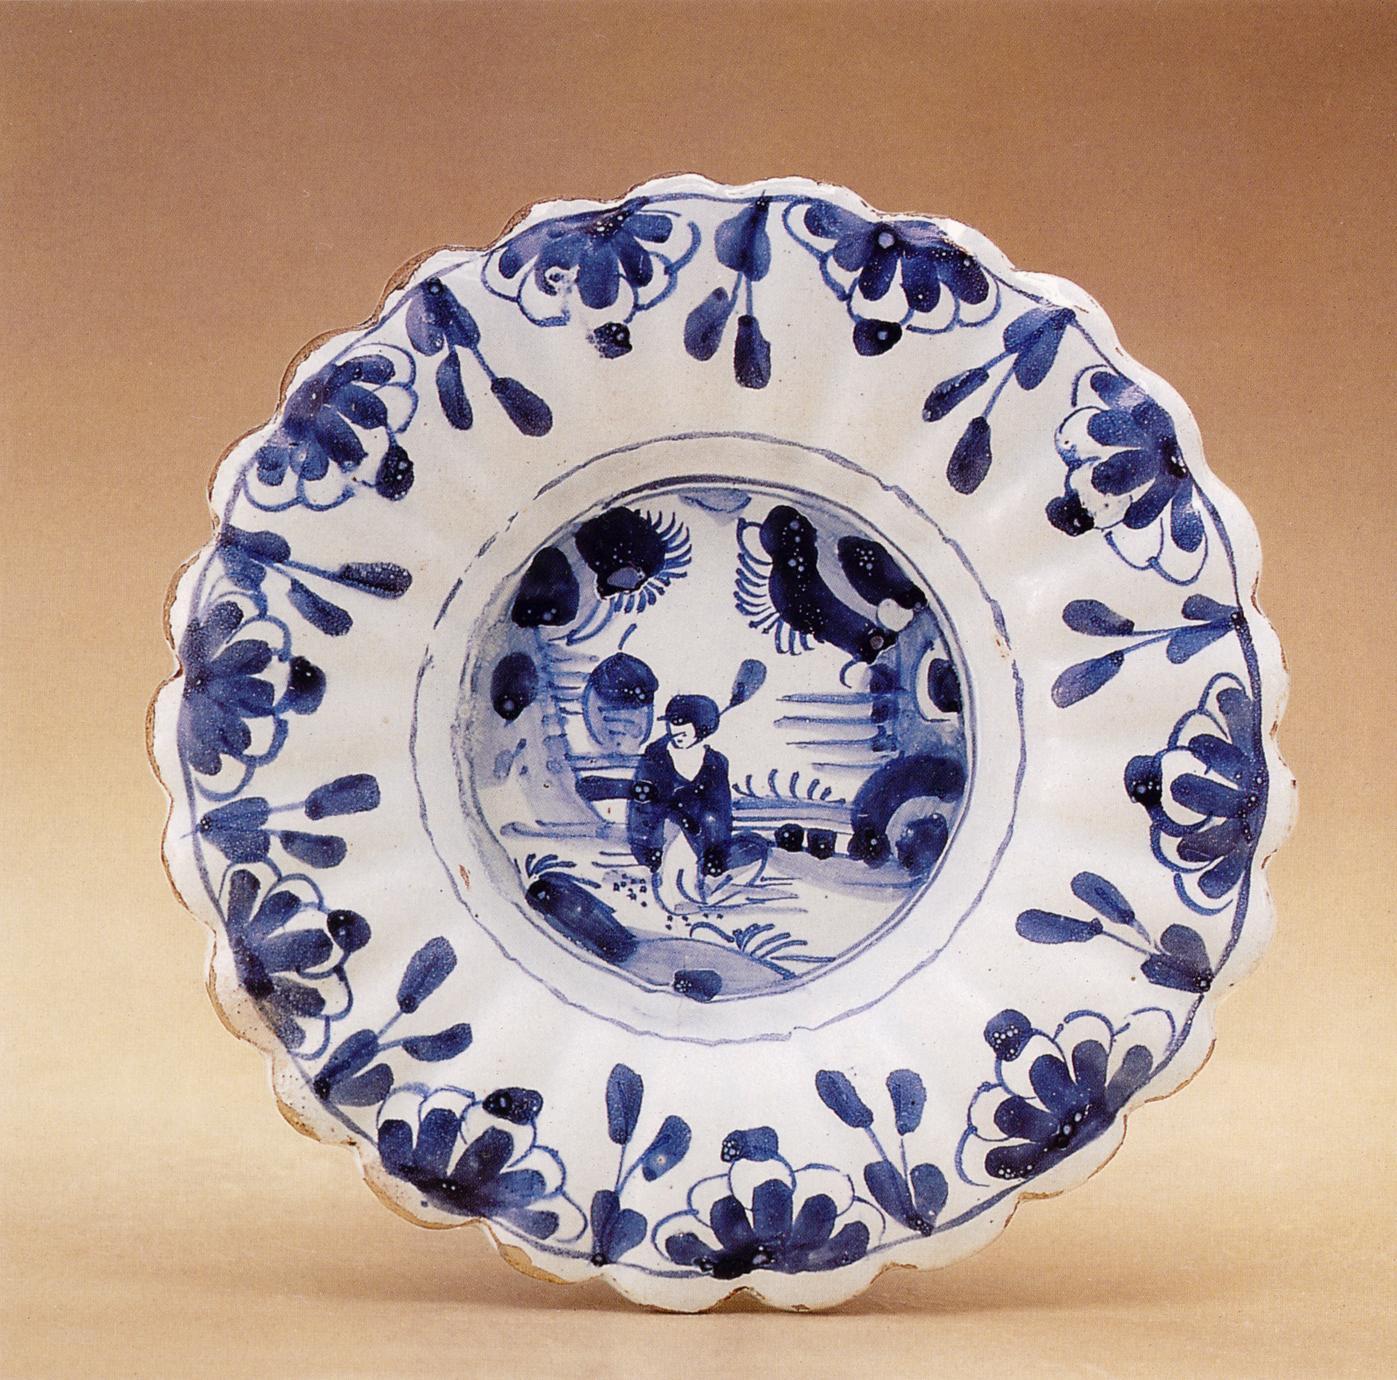 Dish (1 of 2)